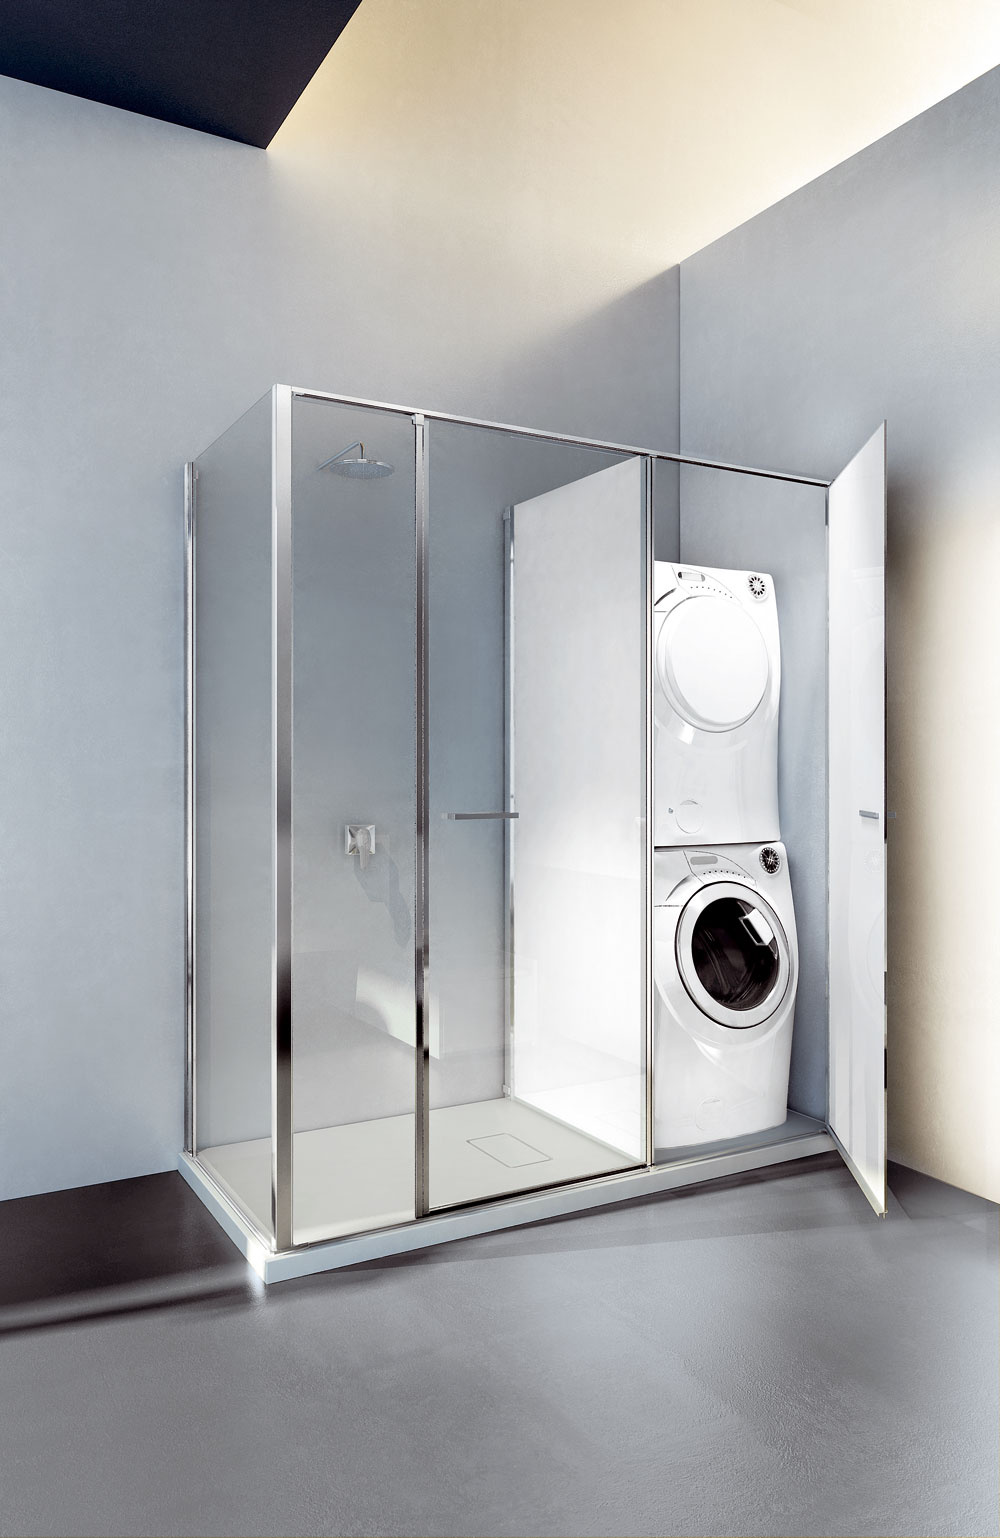 Sprchovací kút sďalším priestorom, kde môže byť umiestnené WC či aj práčka, alebo tam môže byť len odkladací priestor.